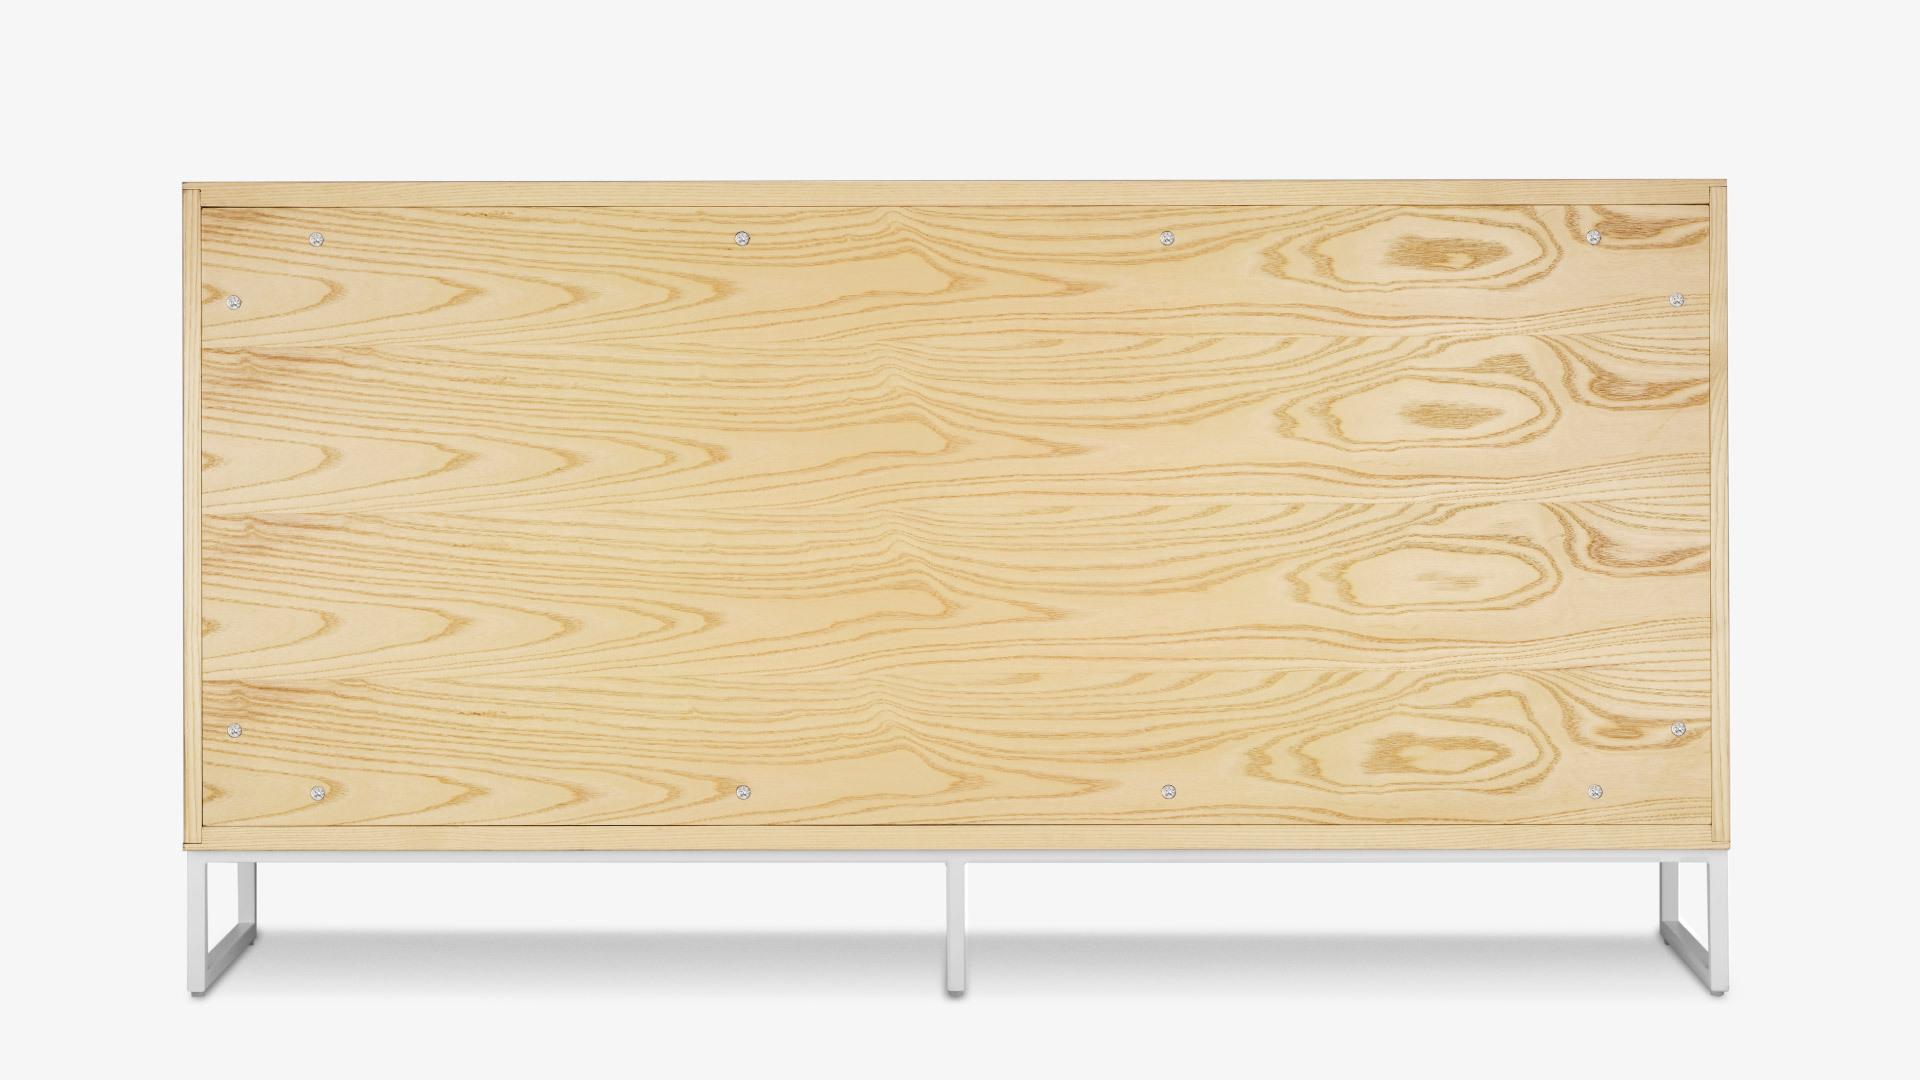 北美白蜡木皮凹凸可触+3倍背板厚度